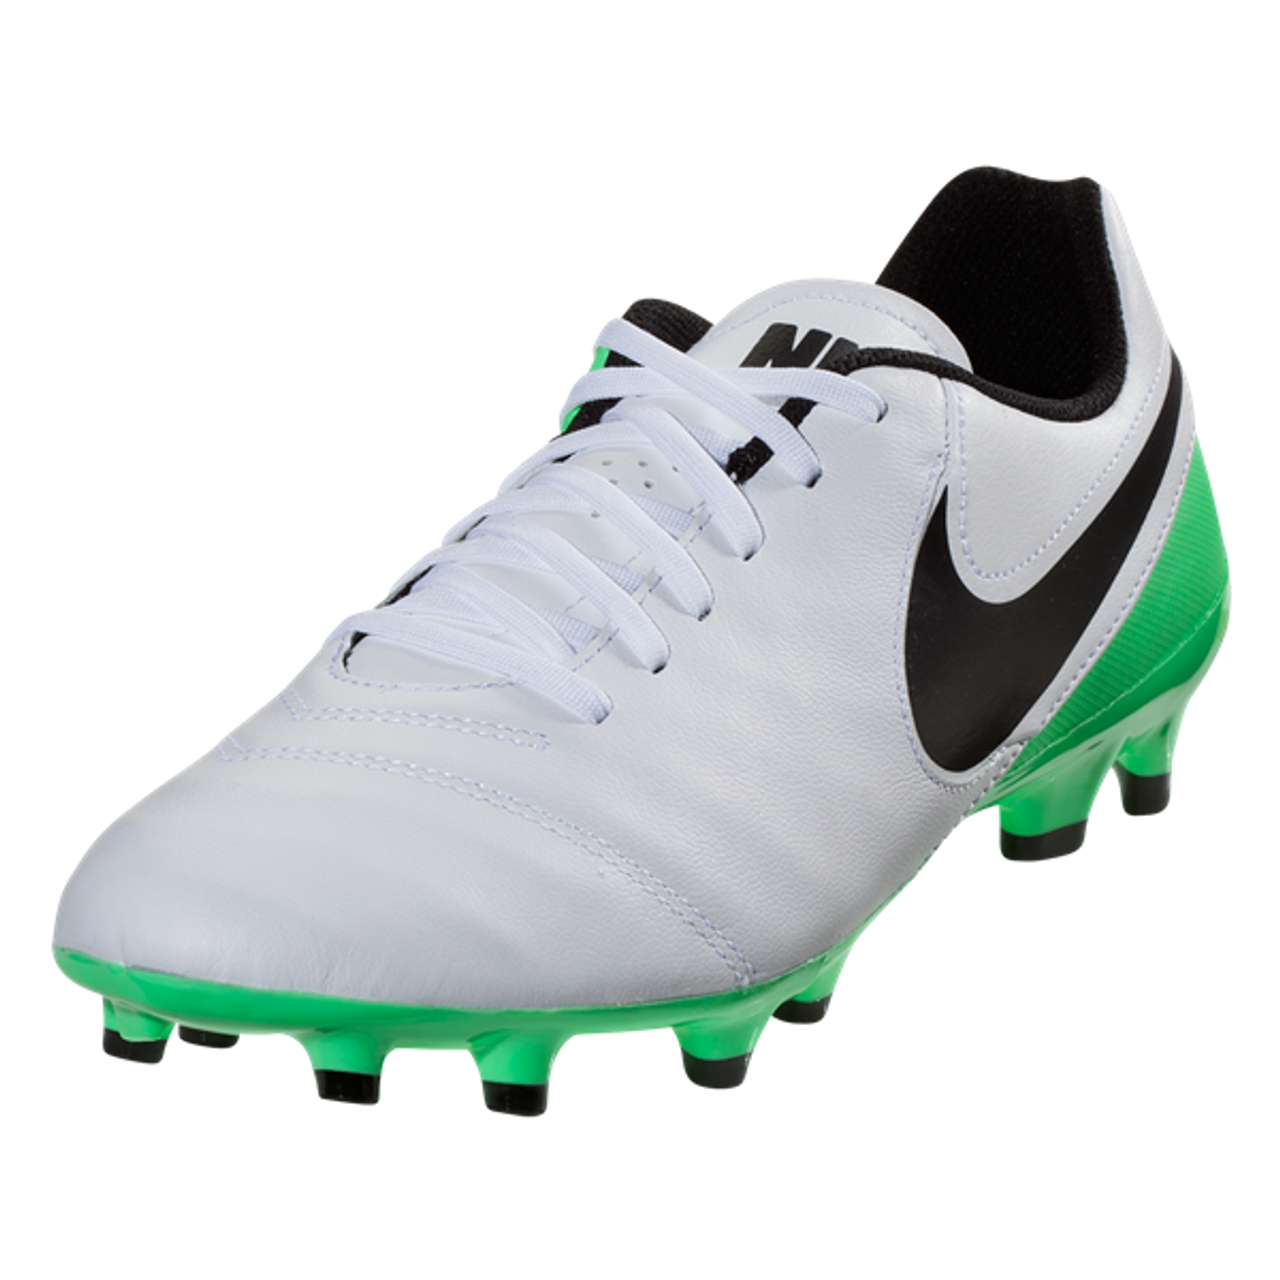 1aa1d6e79e50 Nike Tiempo Genio II Leather FG - White Black Electro Green(41917) - ohp  soccer